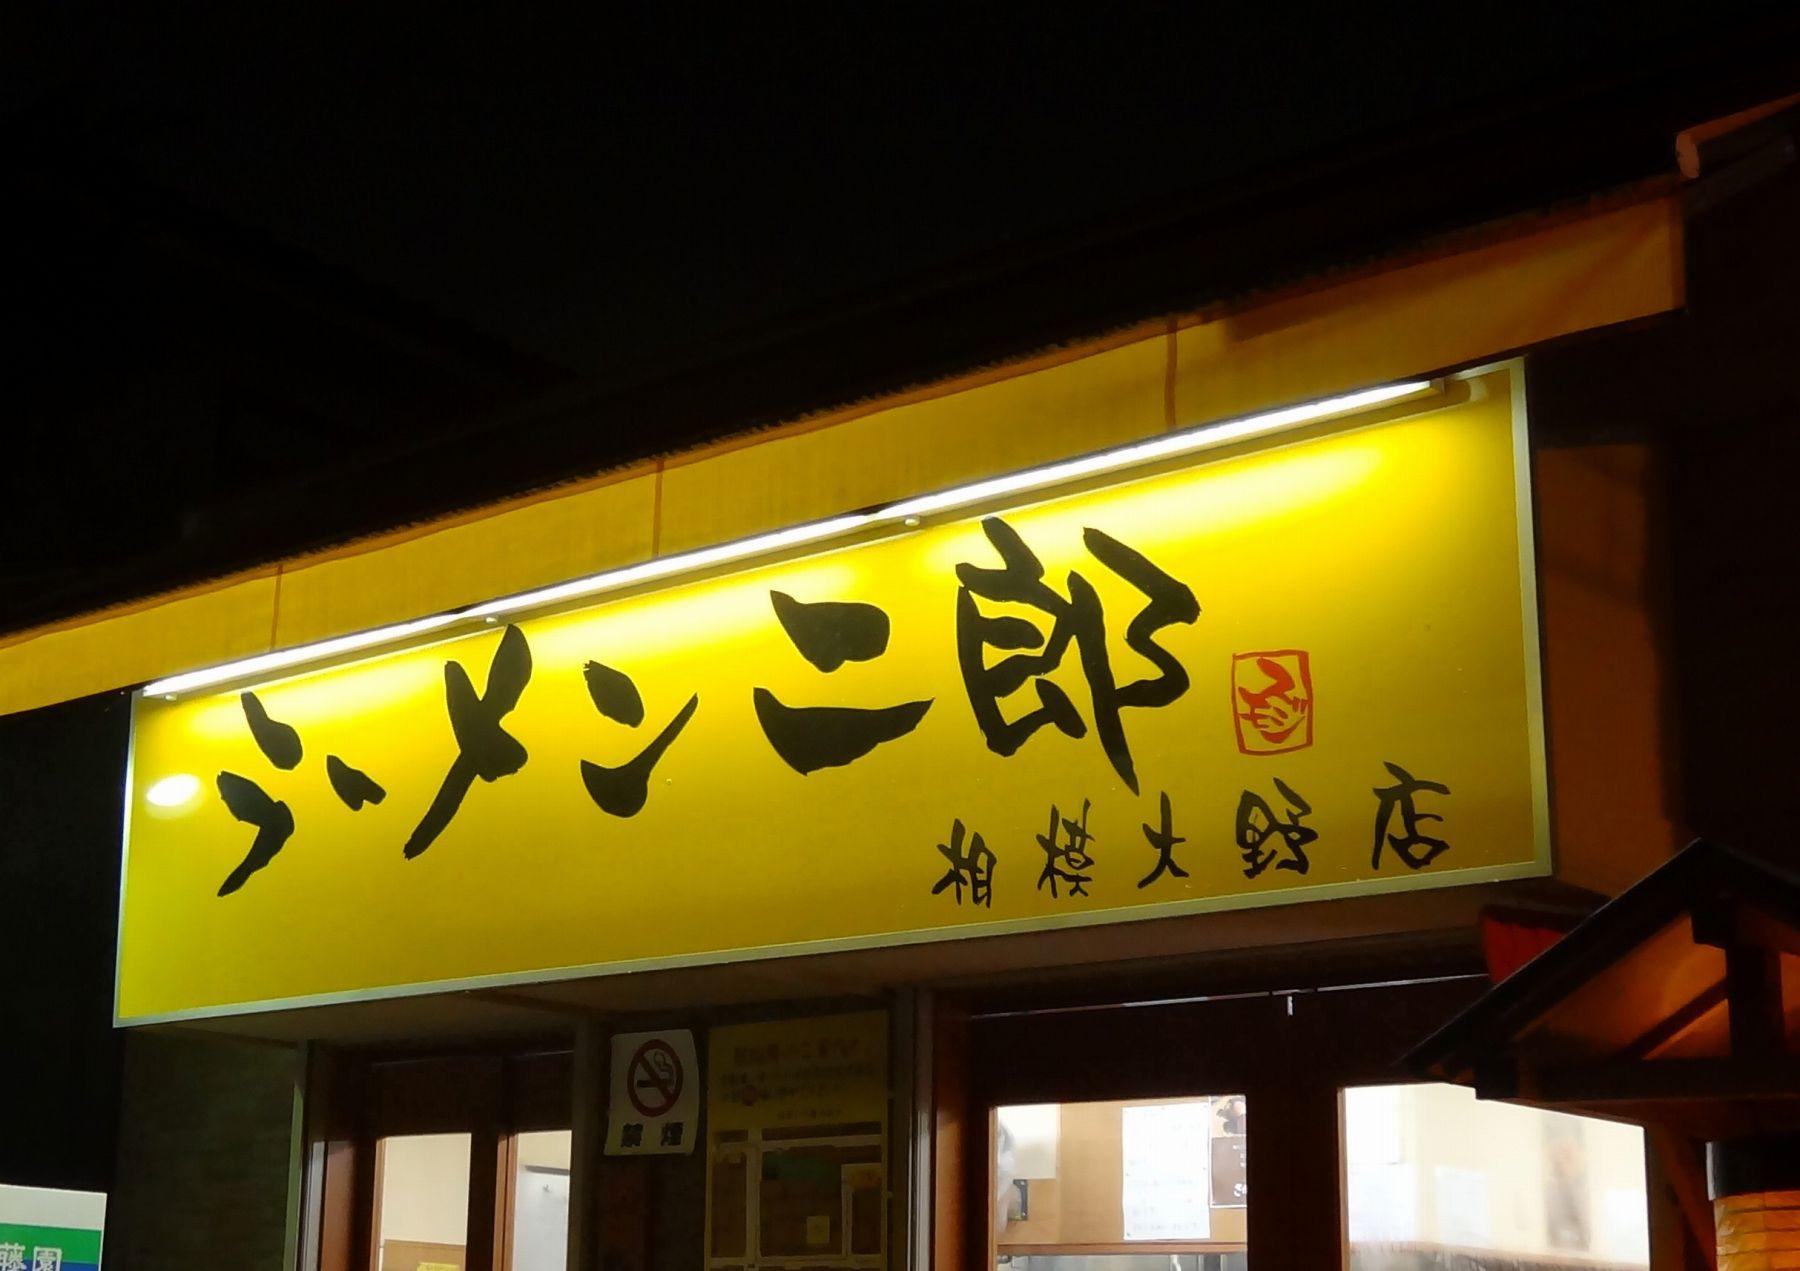 20121106008sumoji.jpg